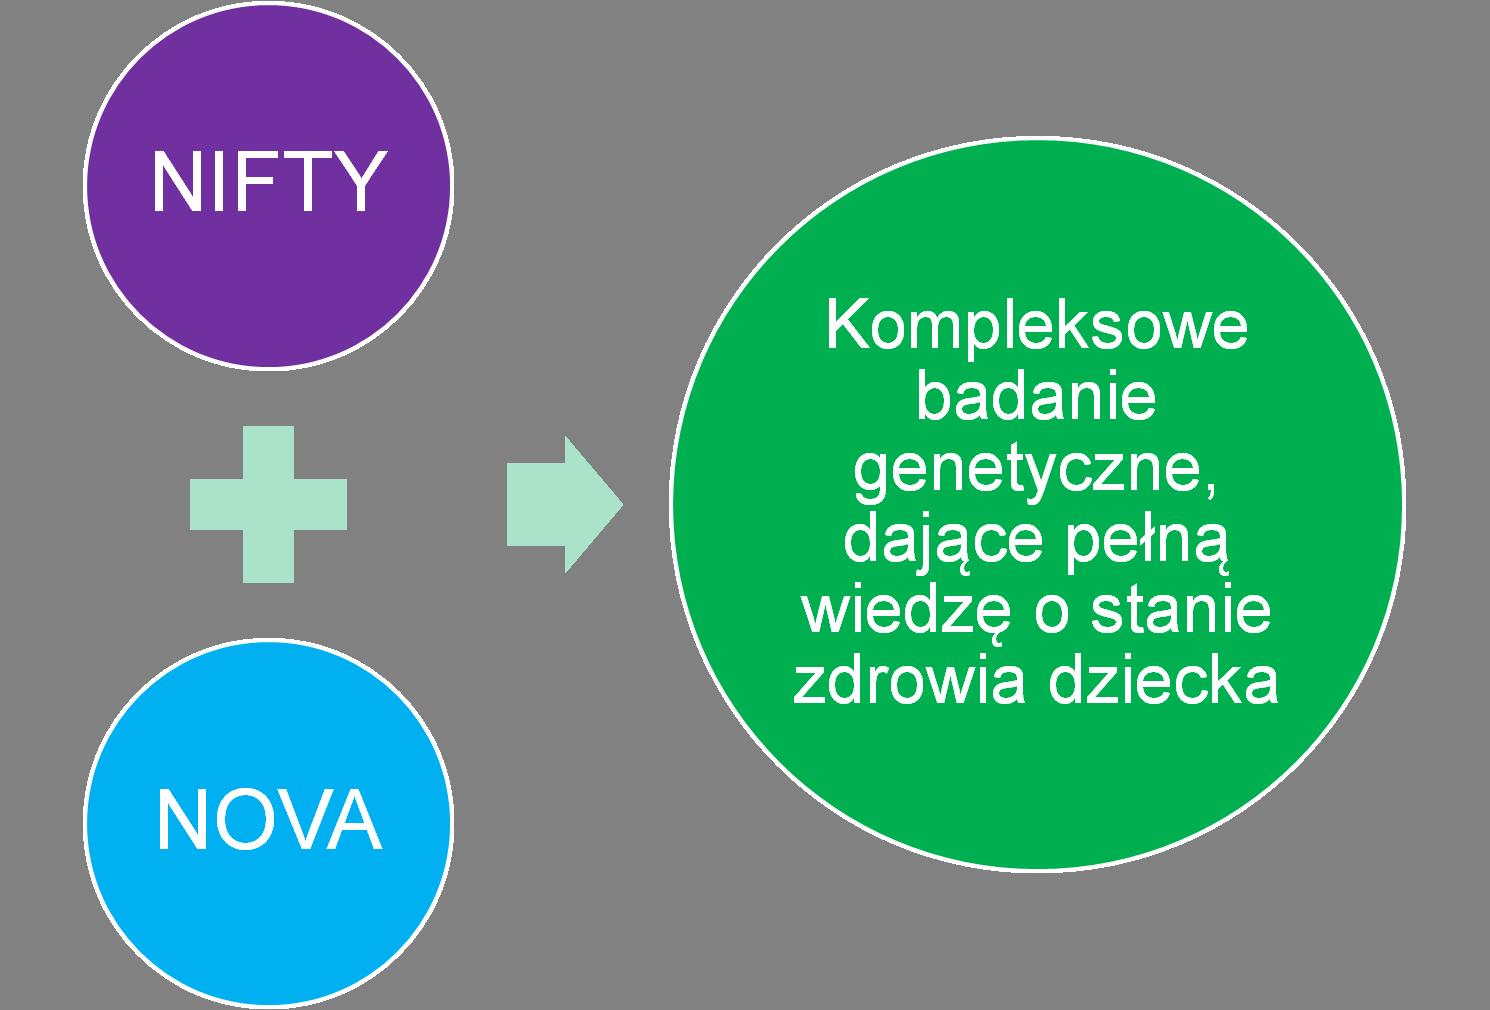 NIFTY + NOVA - kompleksowe badanie genetyczne